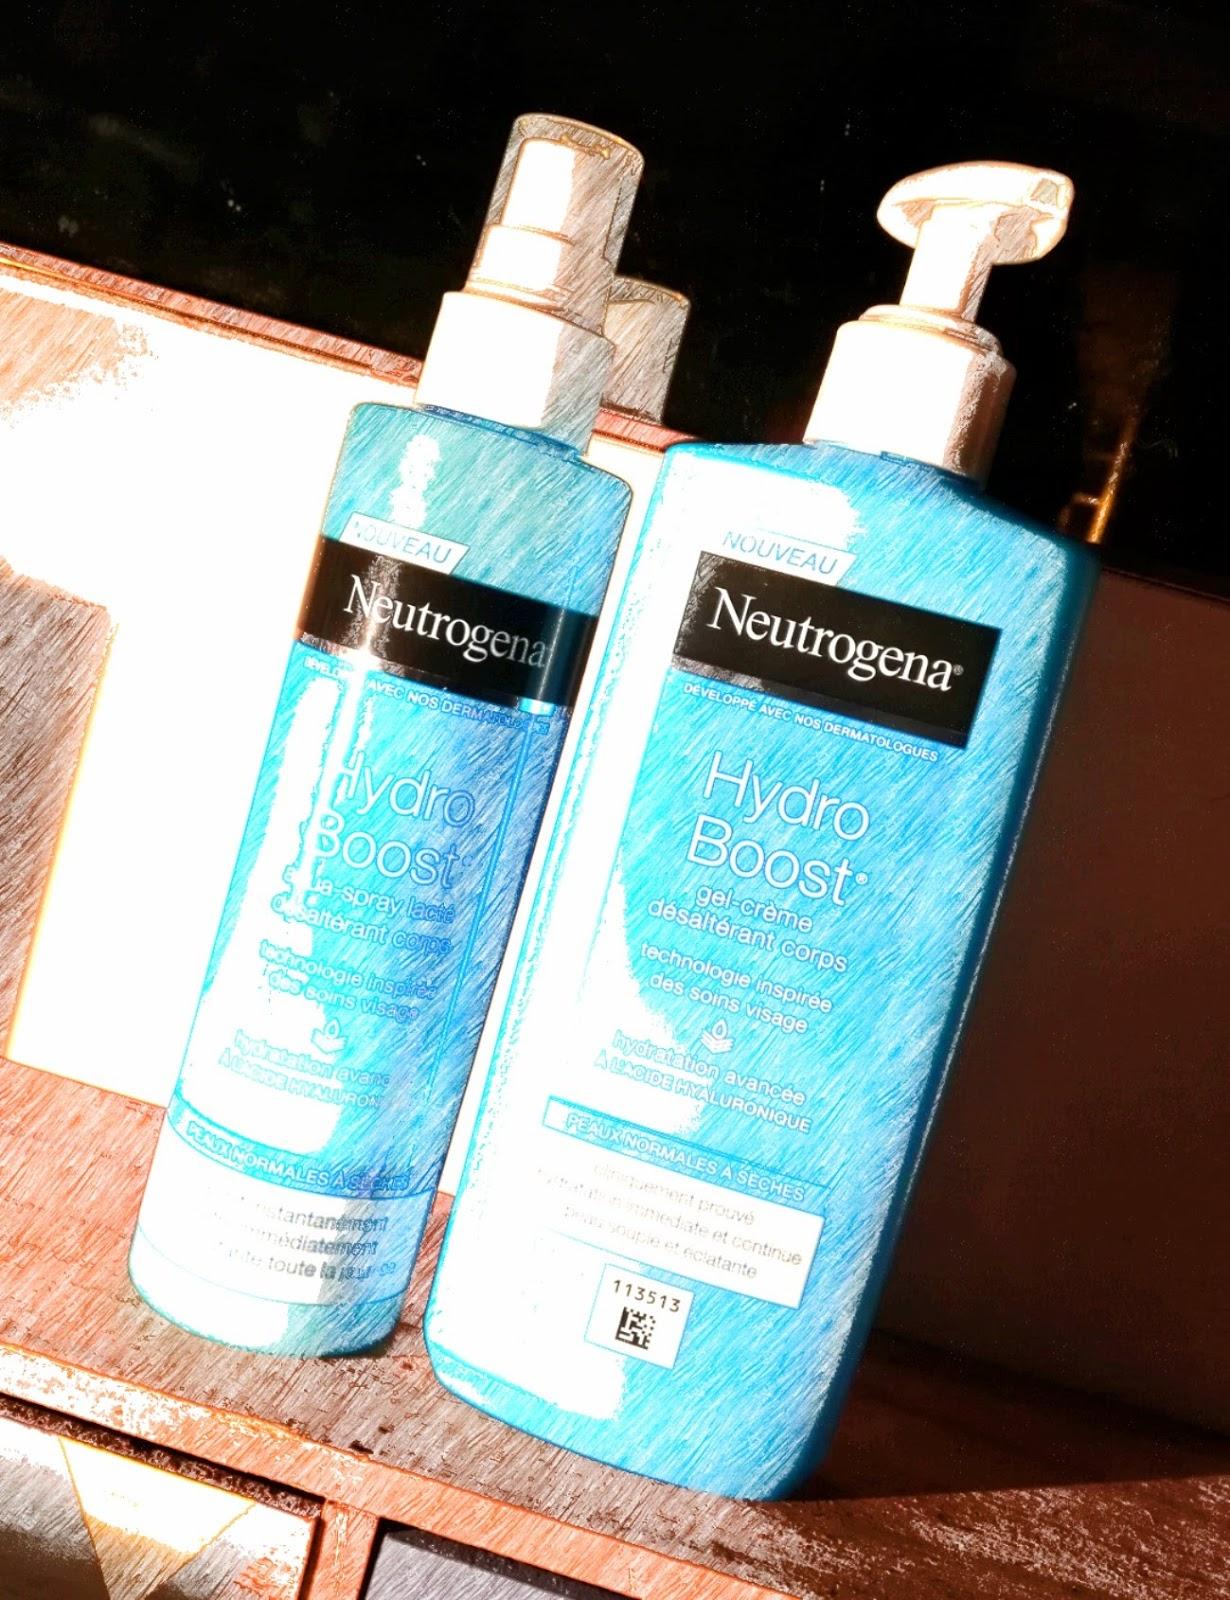 Neutrogena Hydro Boost : Gel crème & Aqua Spray Lacté désaltérant